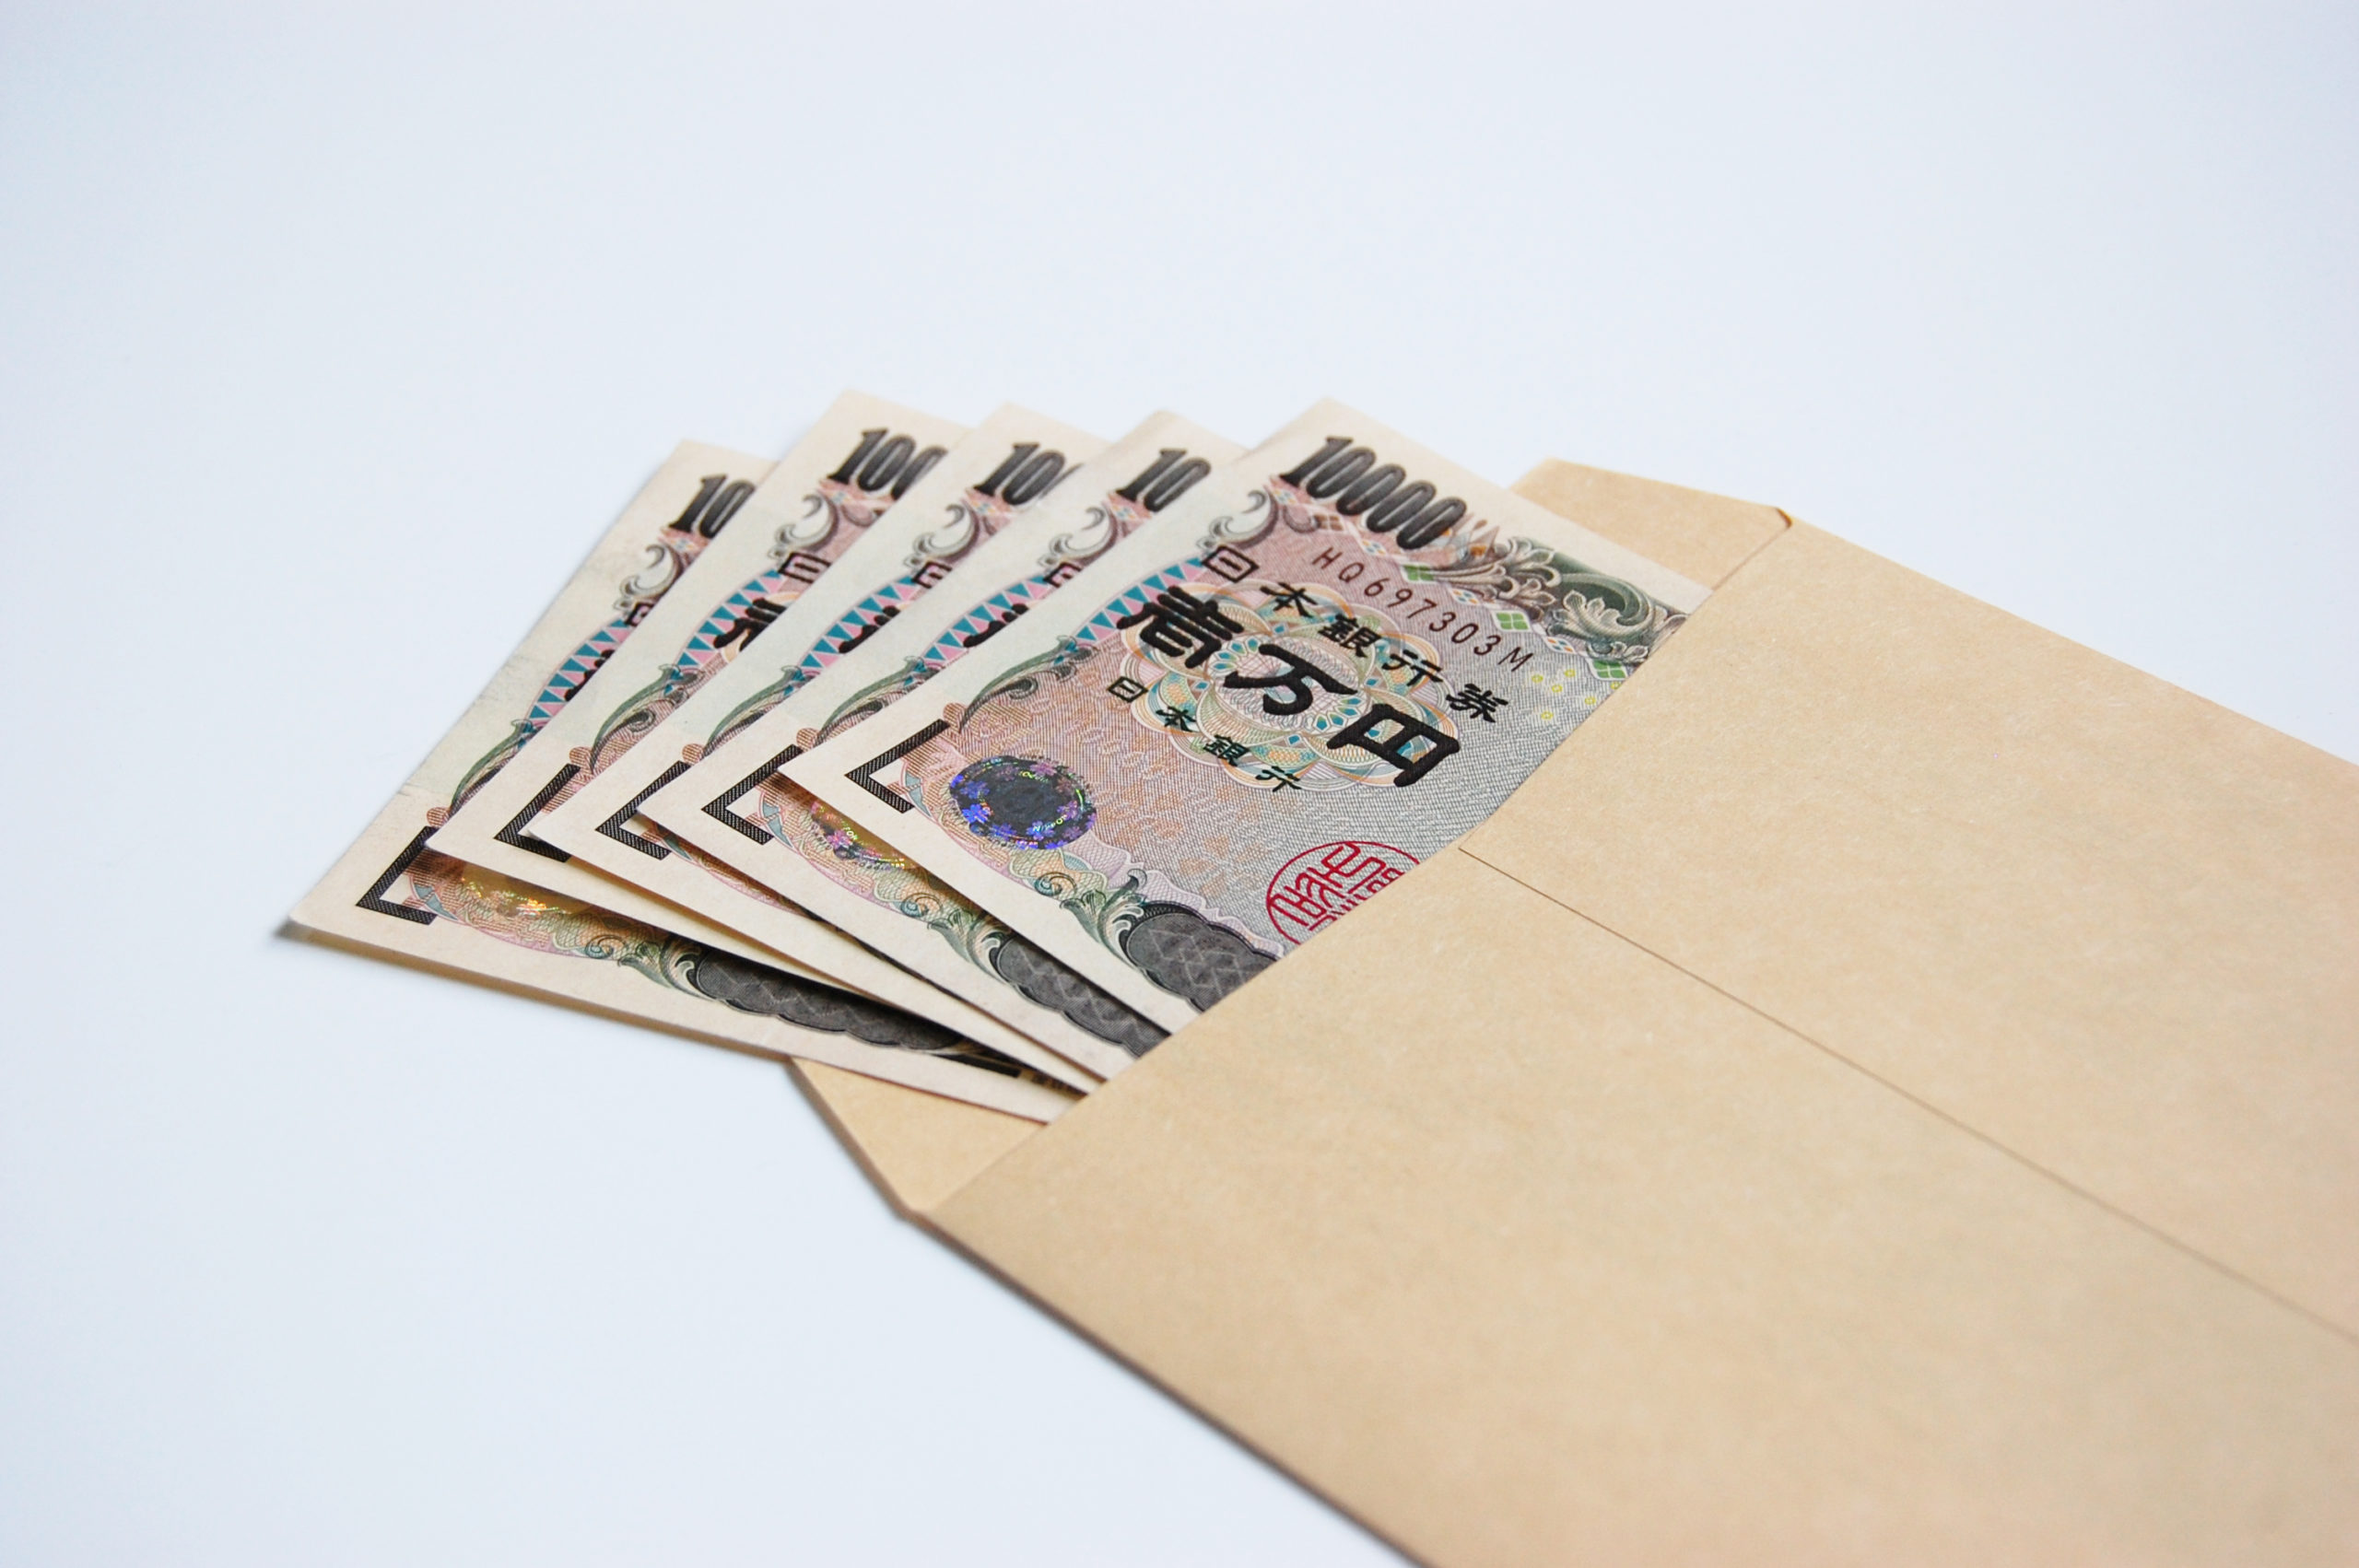 区 円 万 江戸川 給付 10